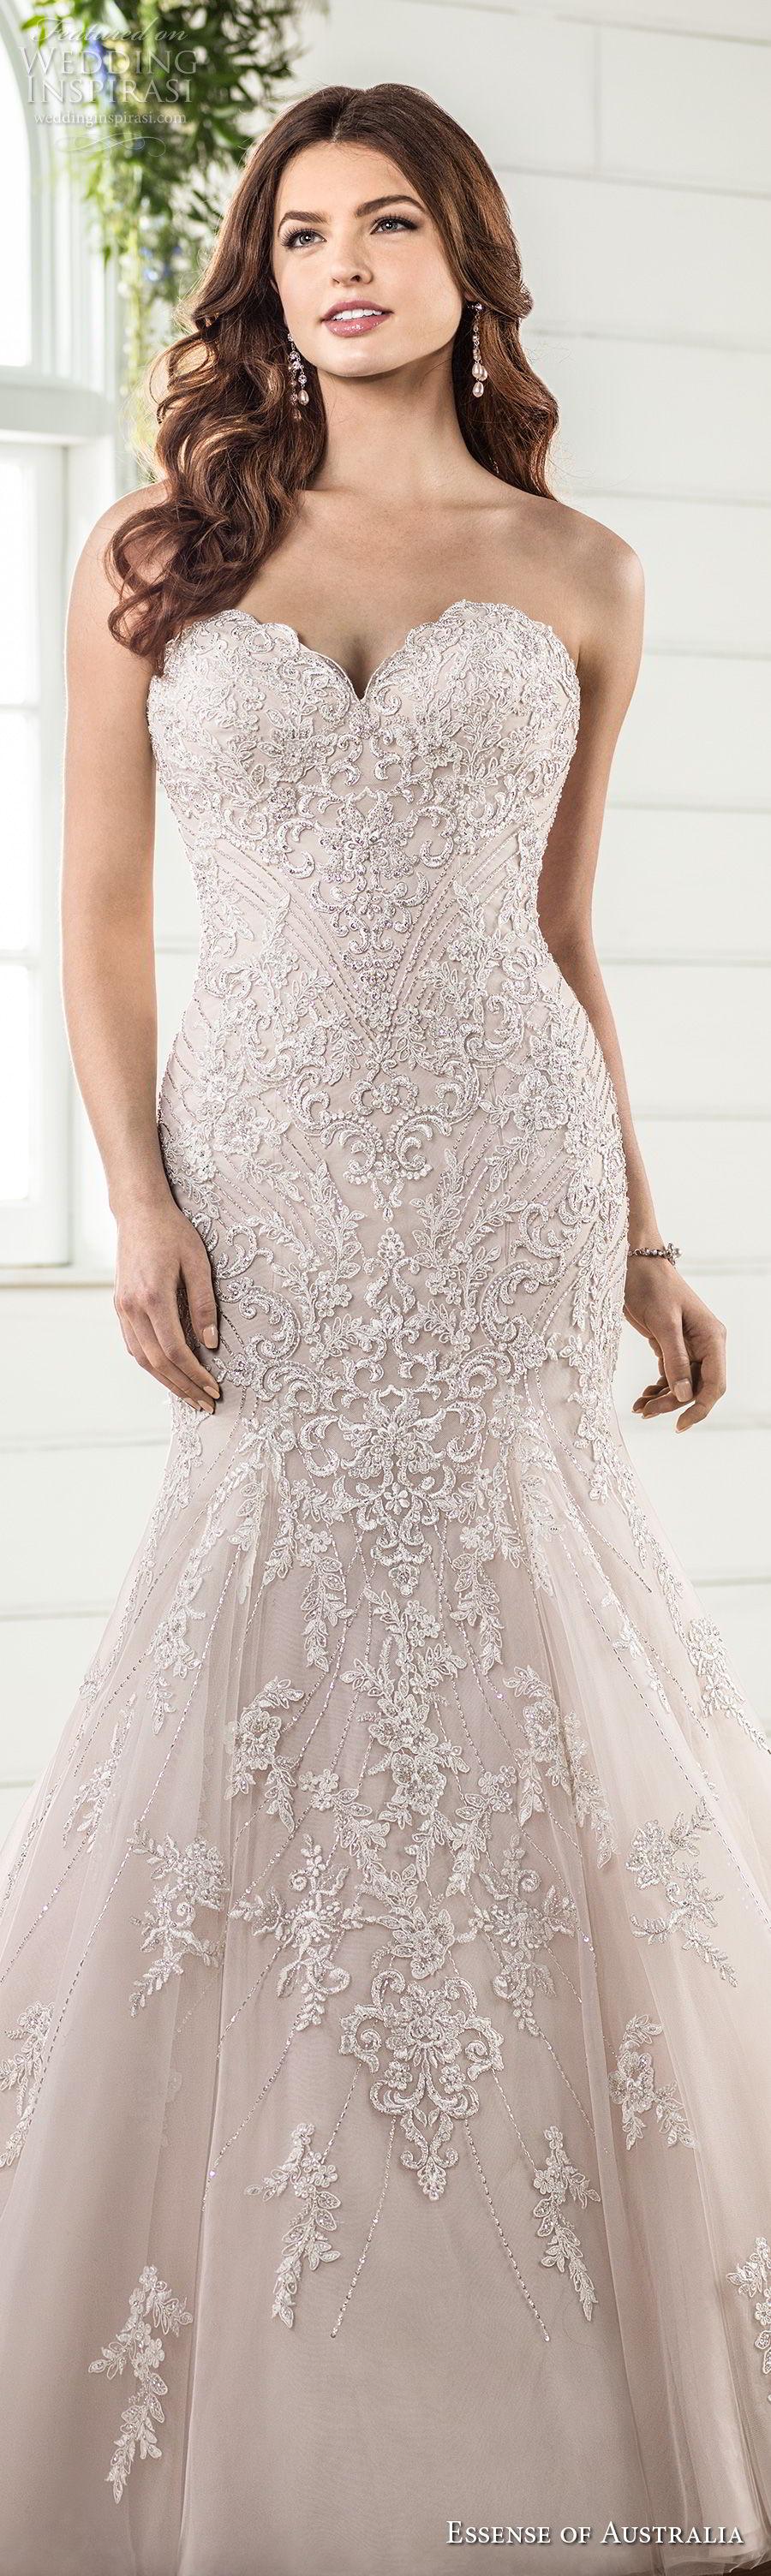 Sophisticated Wedding Gowns 87 Popular essense australia fall bridal